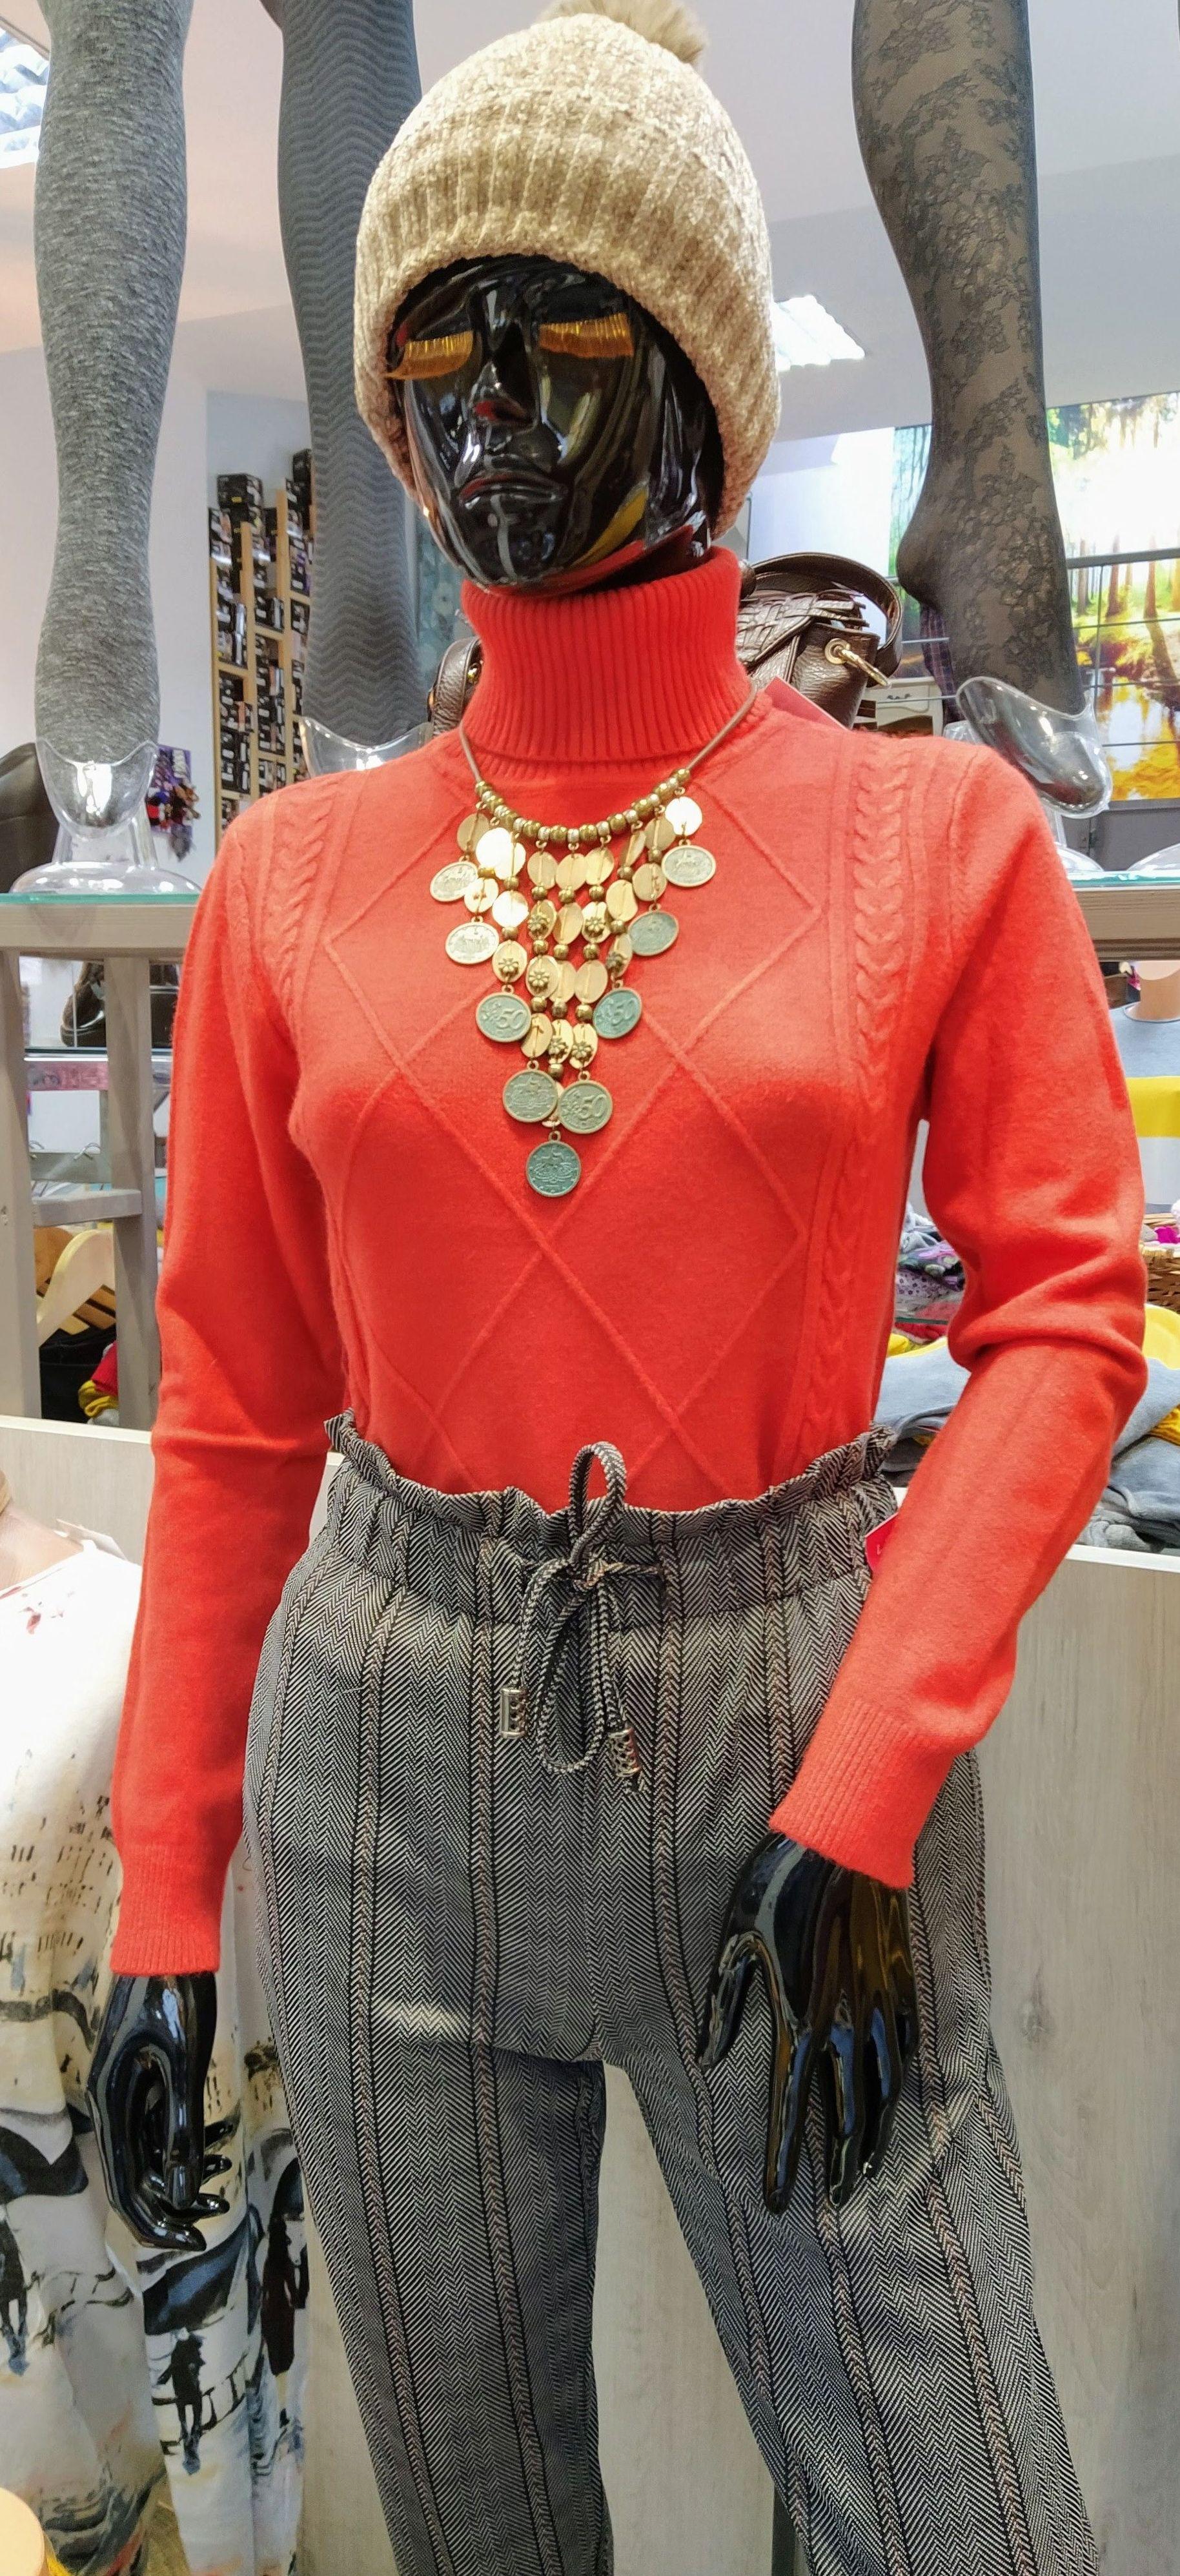 tienda de moda, complementos, mercería y regalos en Ourense